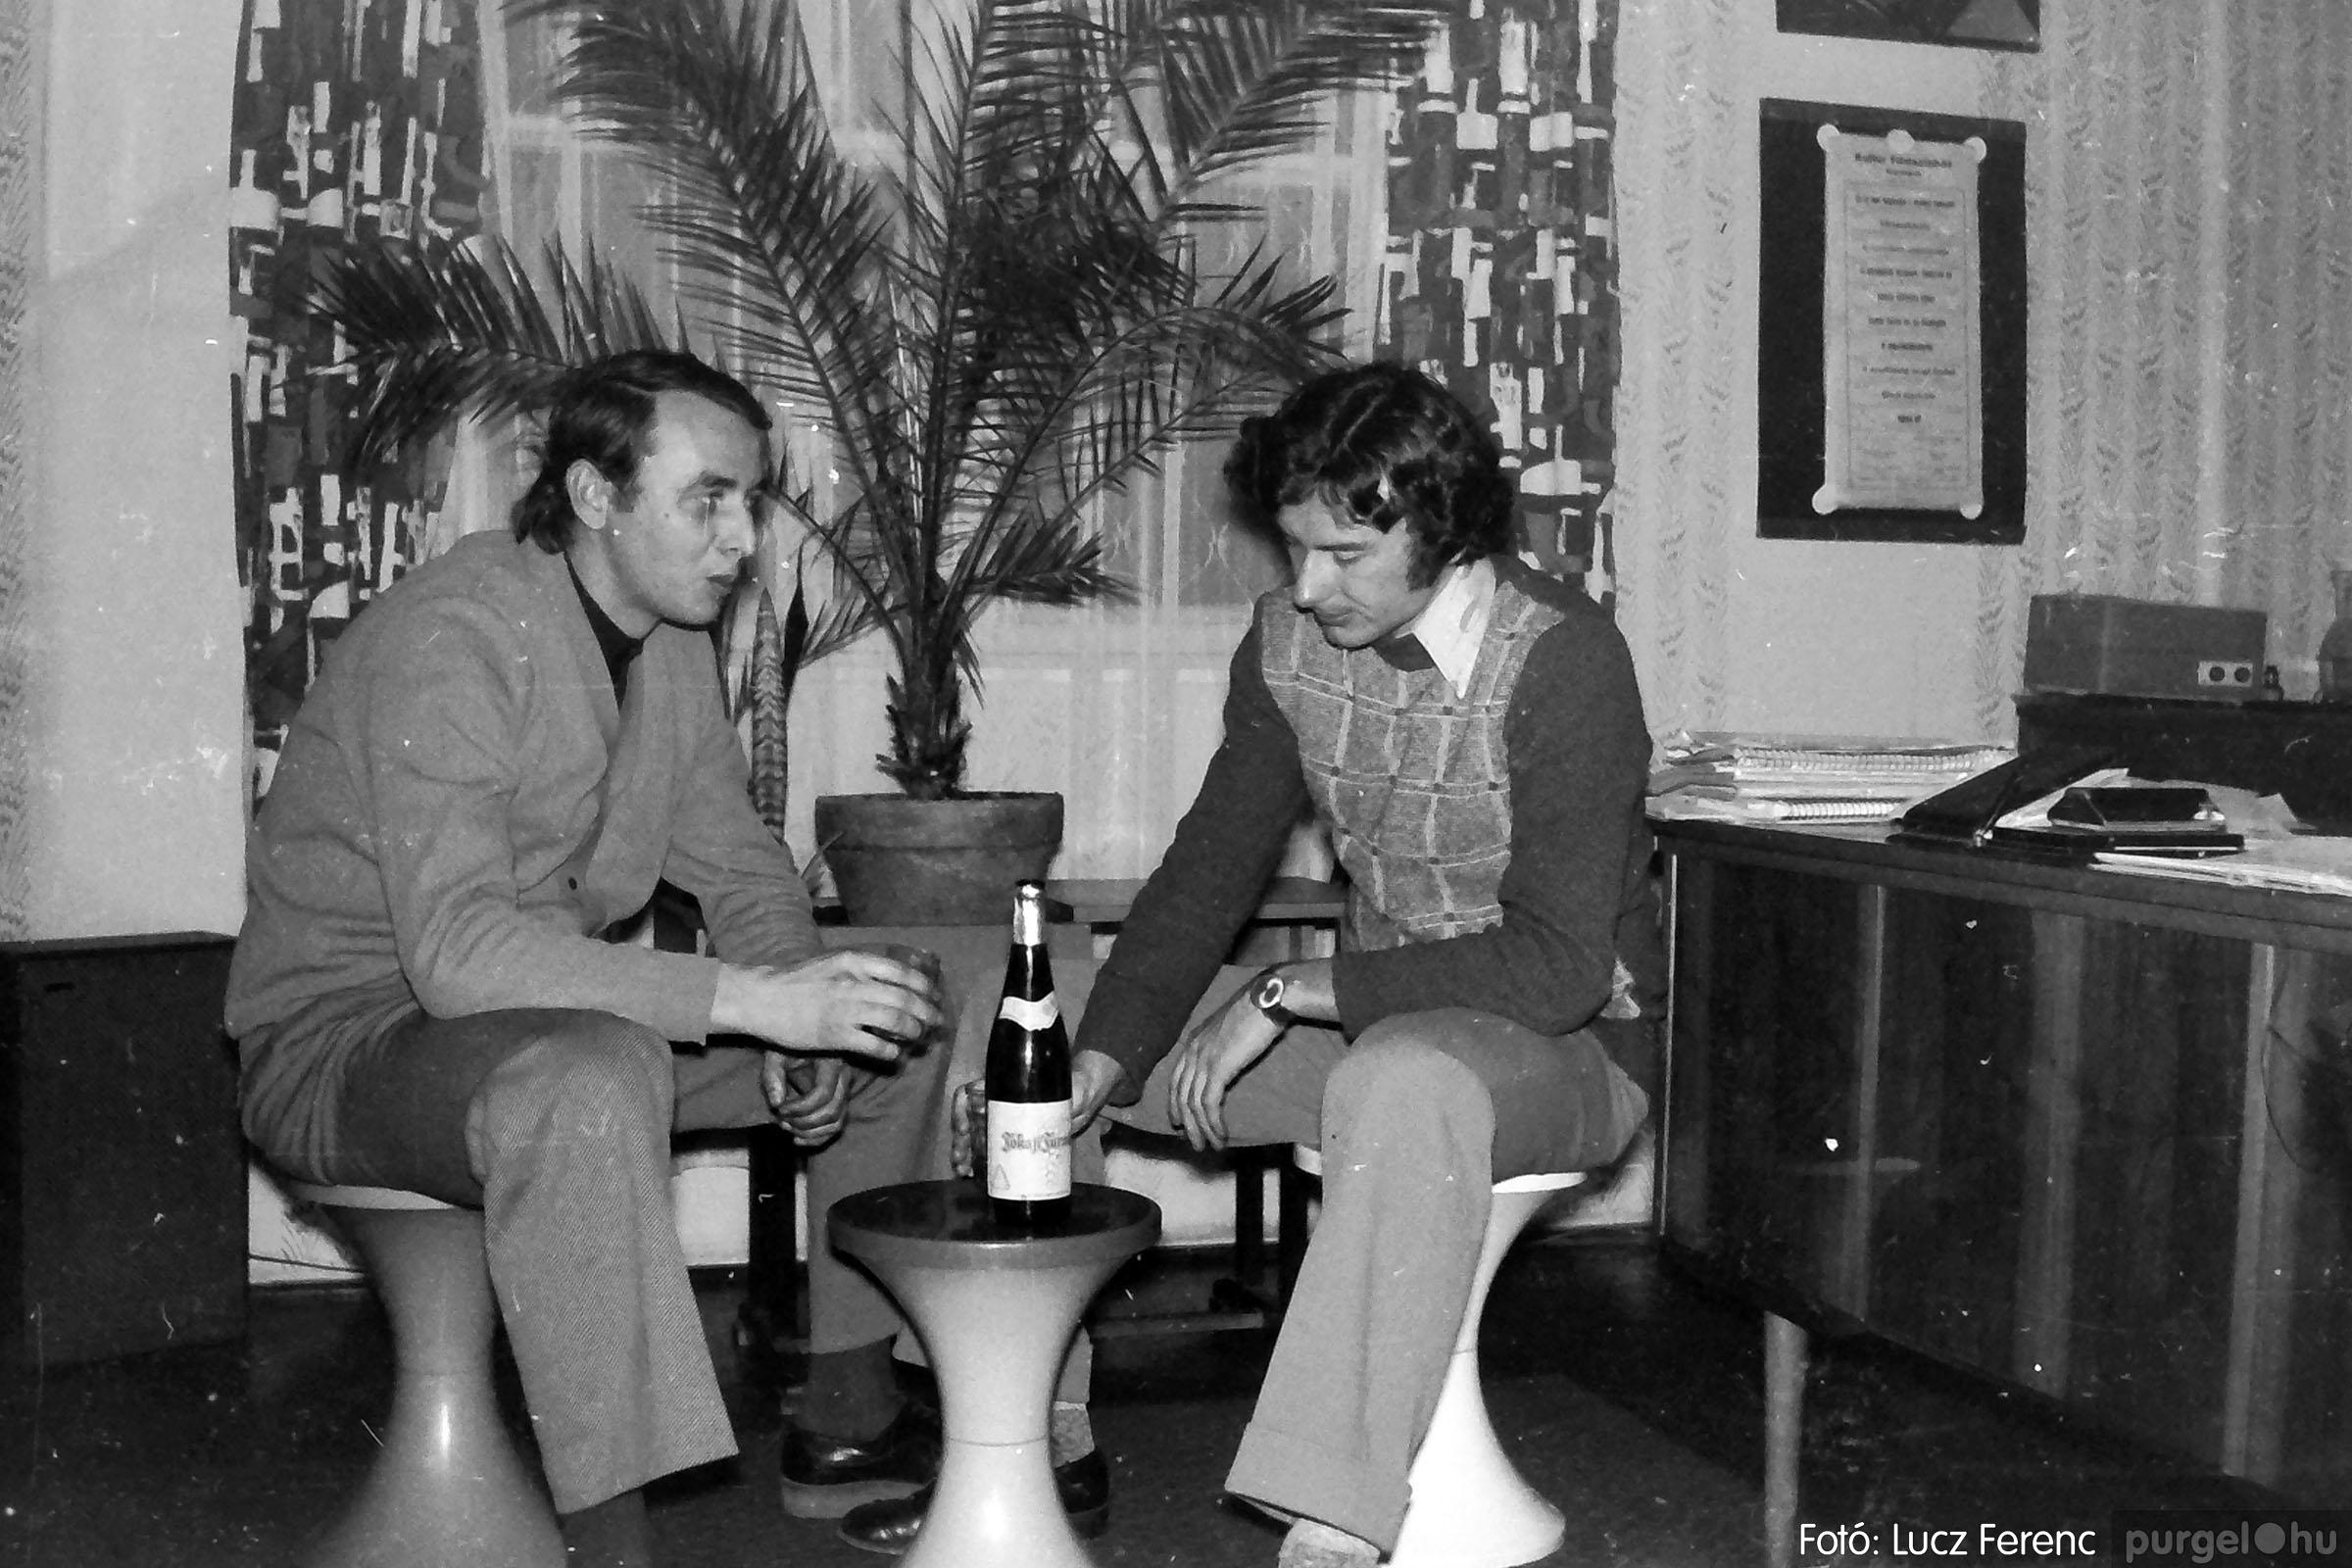 018-019 1975. Élet a kultúrházban 022 - Fotó: Lucz Ferenc IMG00066q.jpg